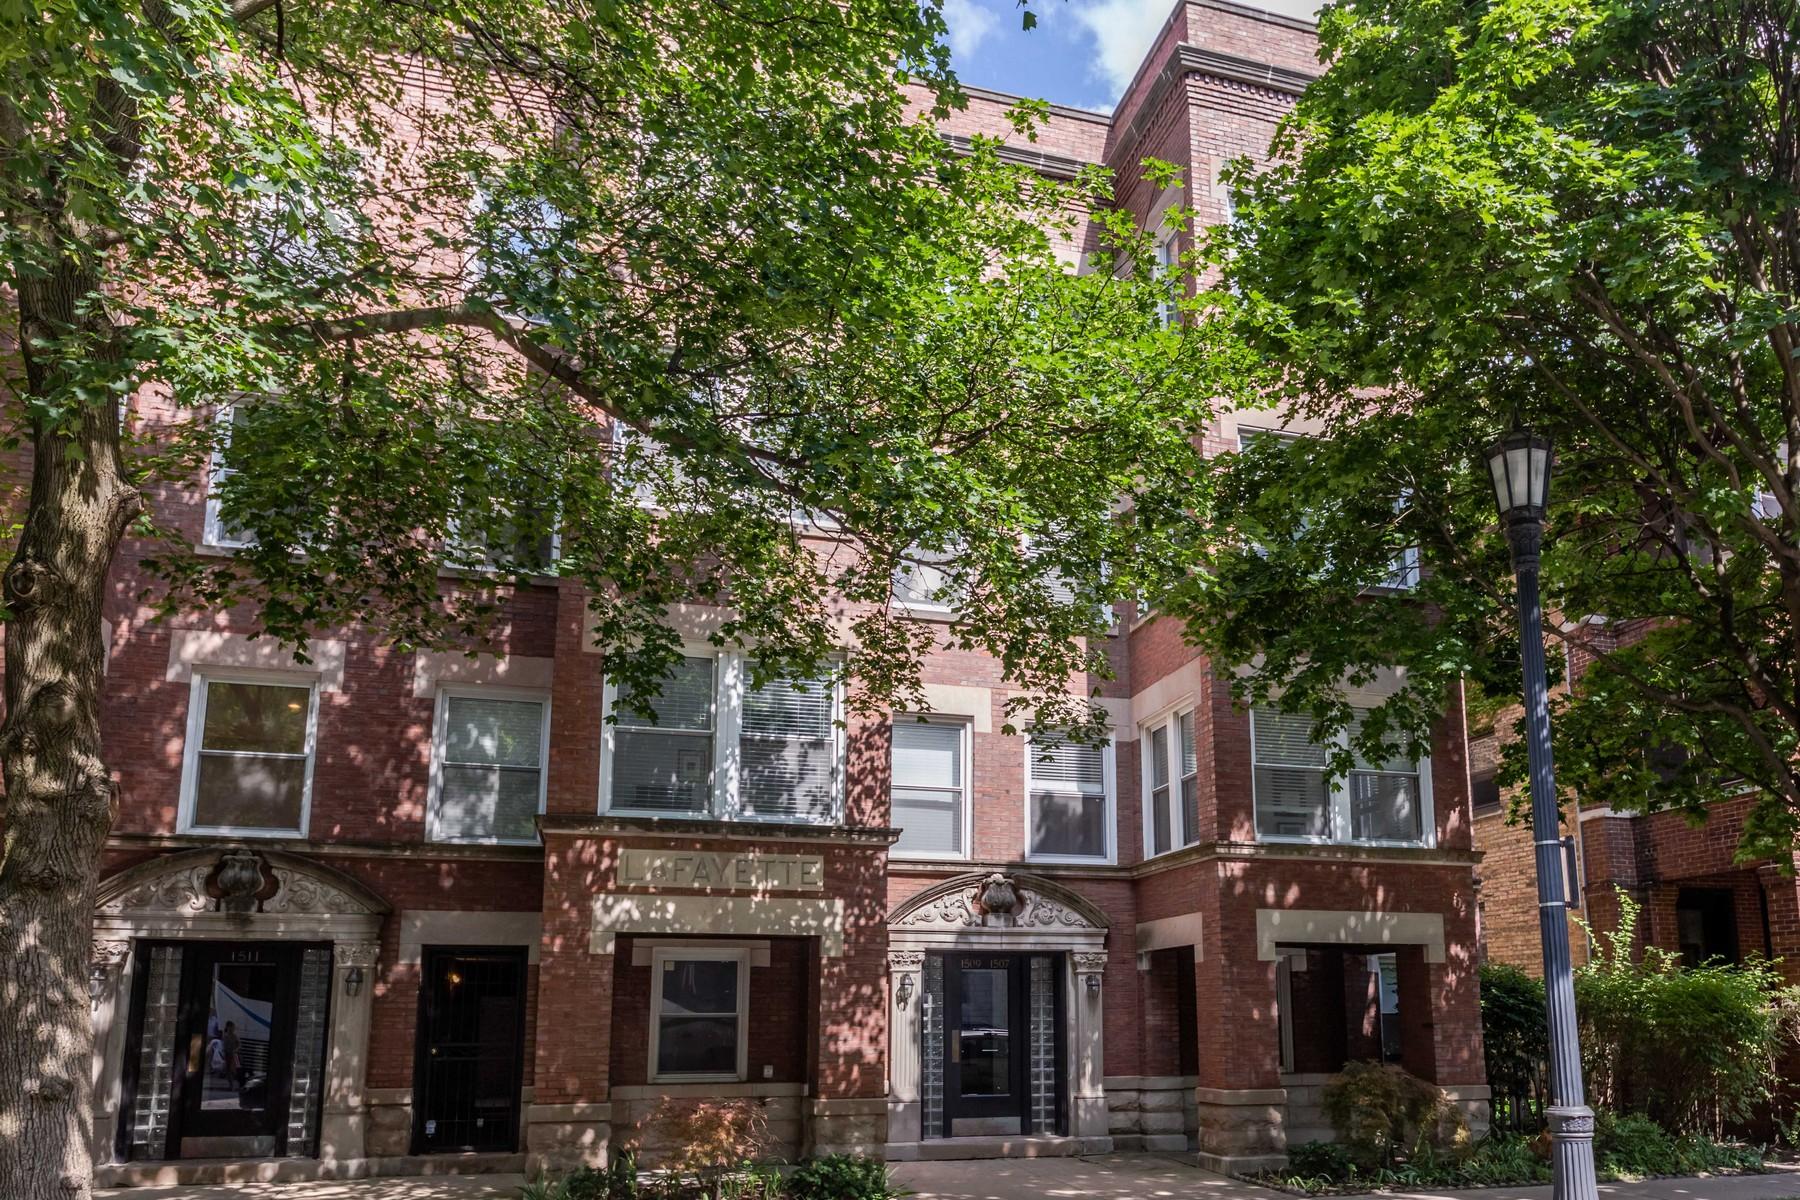 Condominium for Sale at Stunning Condo 1509 Maple Unit 1 Evanston, Illinois 60201 United States